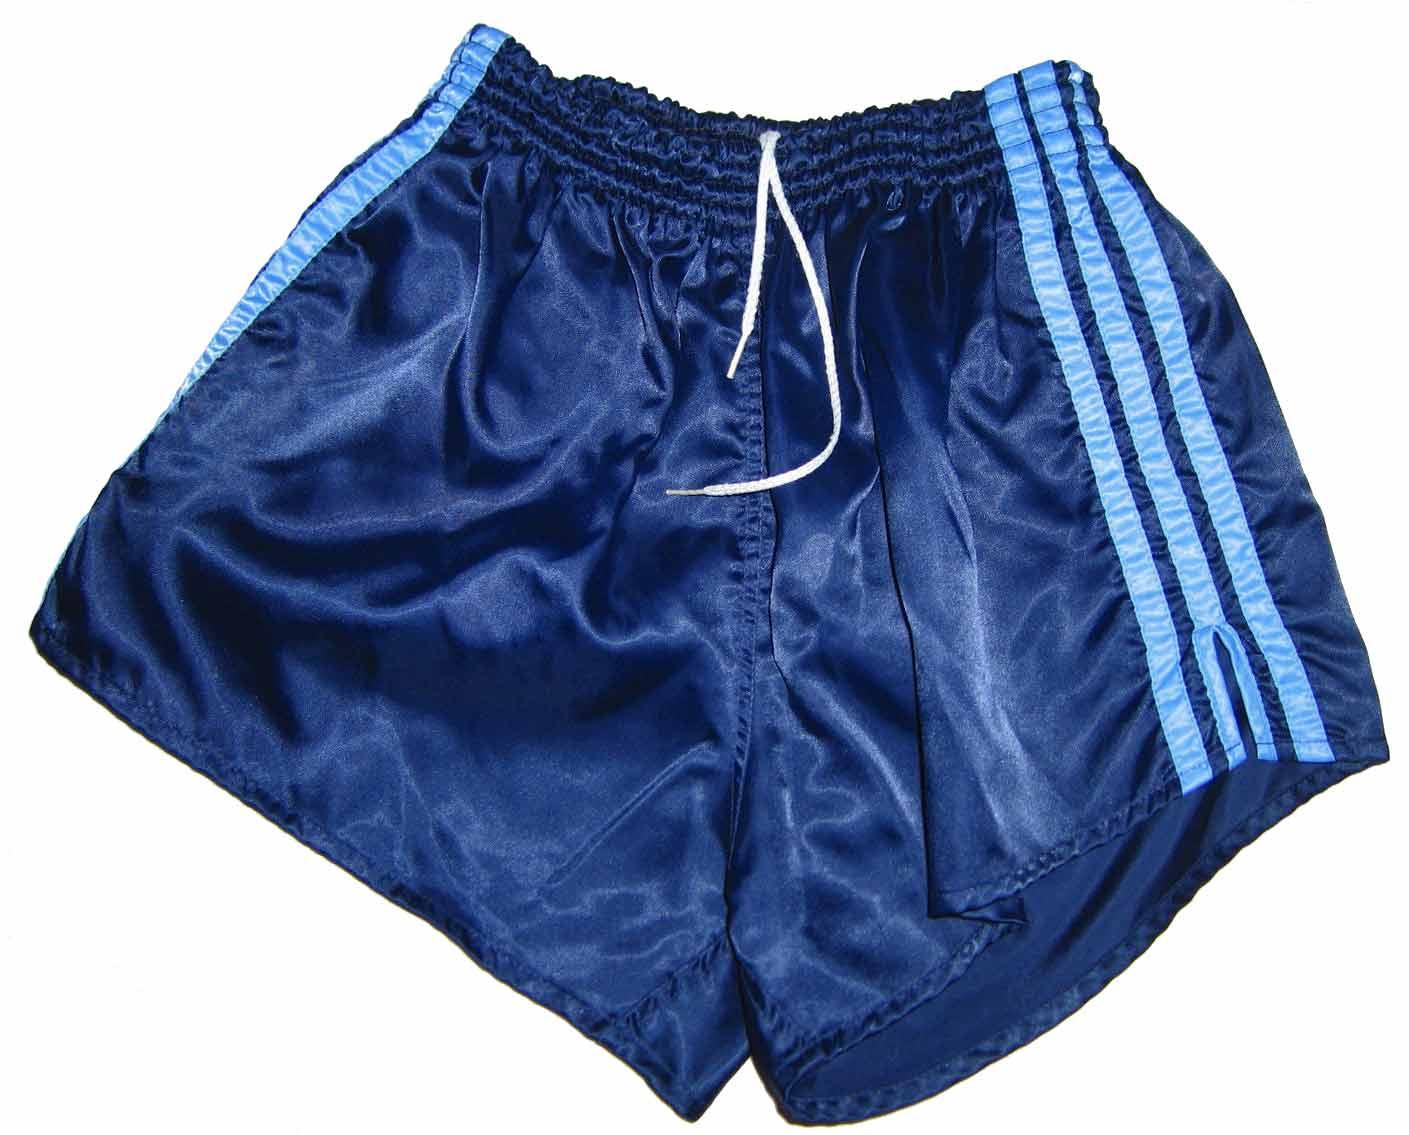 Sporthose ohne Innenslip als Unterhose tragen bzw